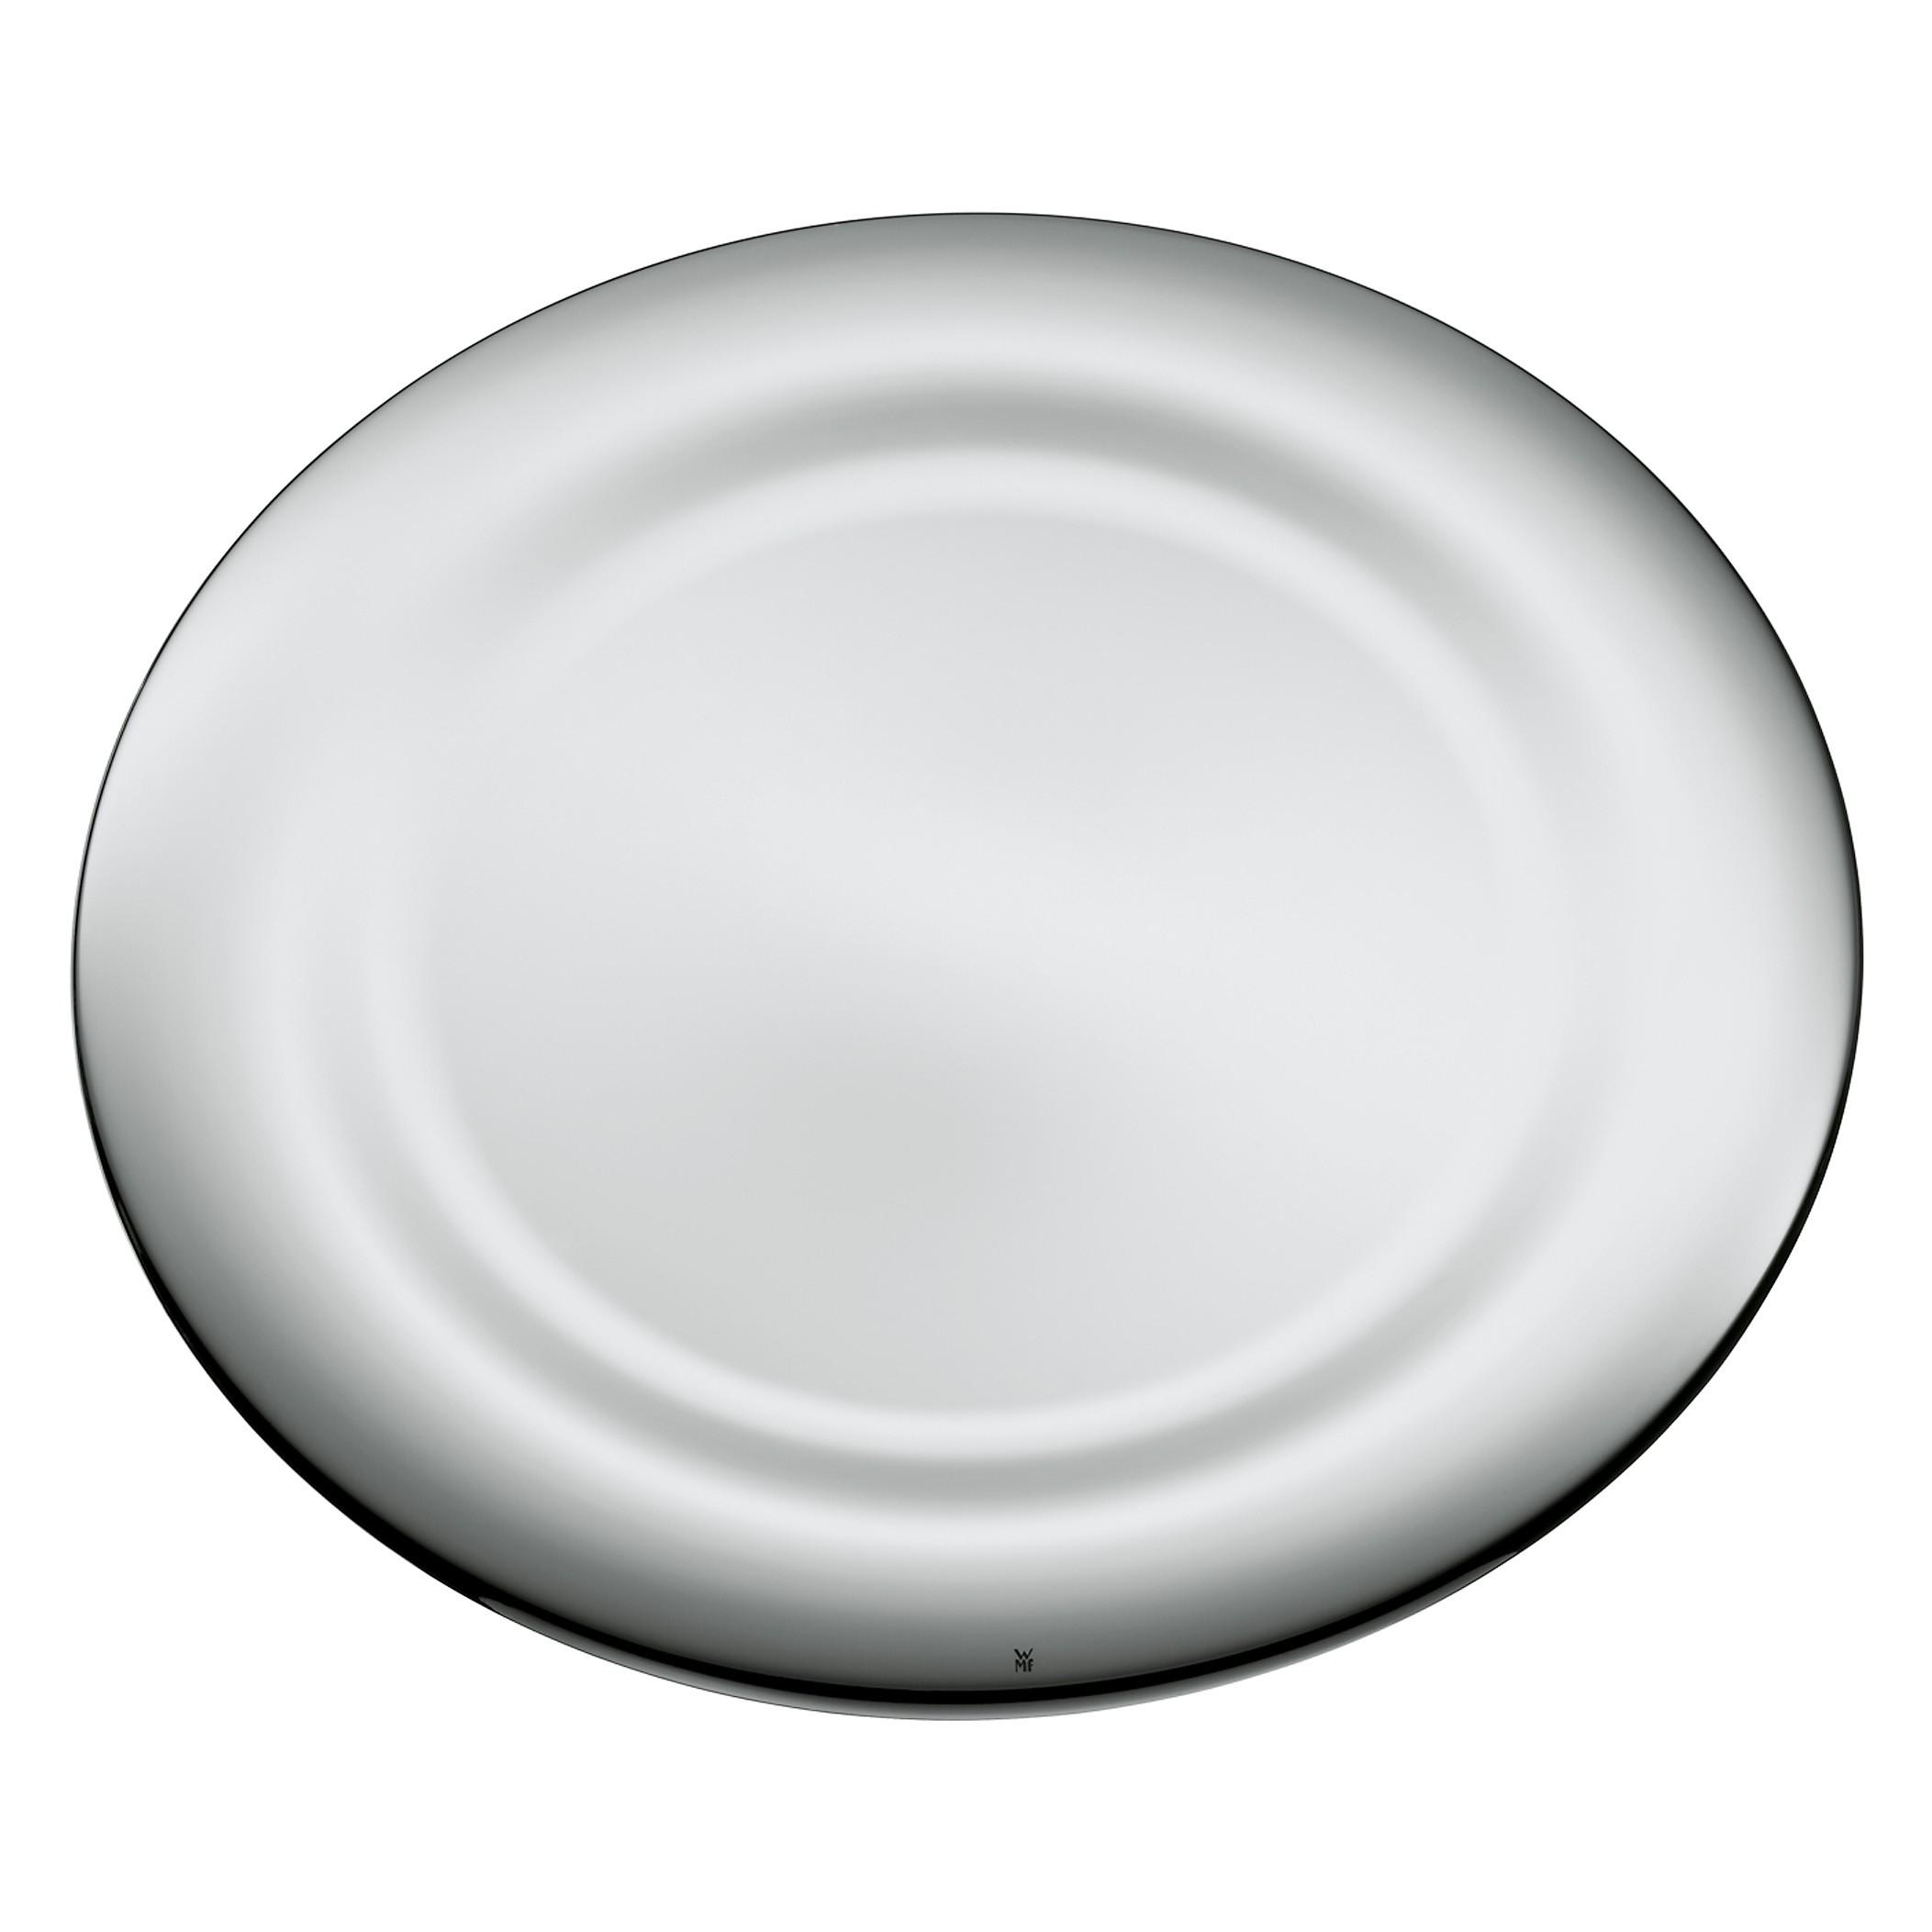 Platzteller Tavola – Ø 32  cm, WMF online bestellen